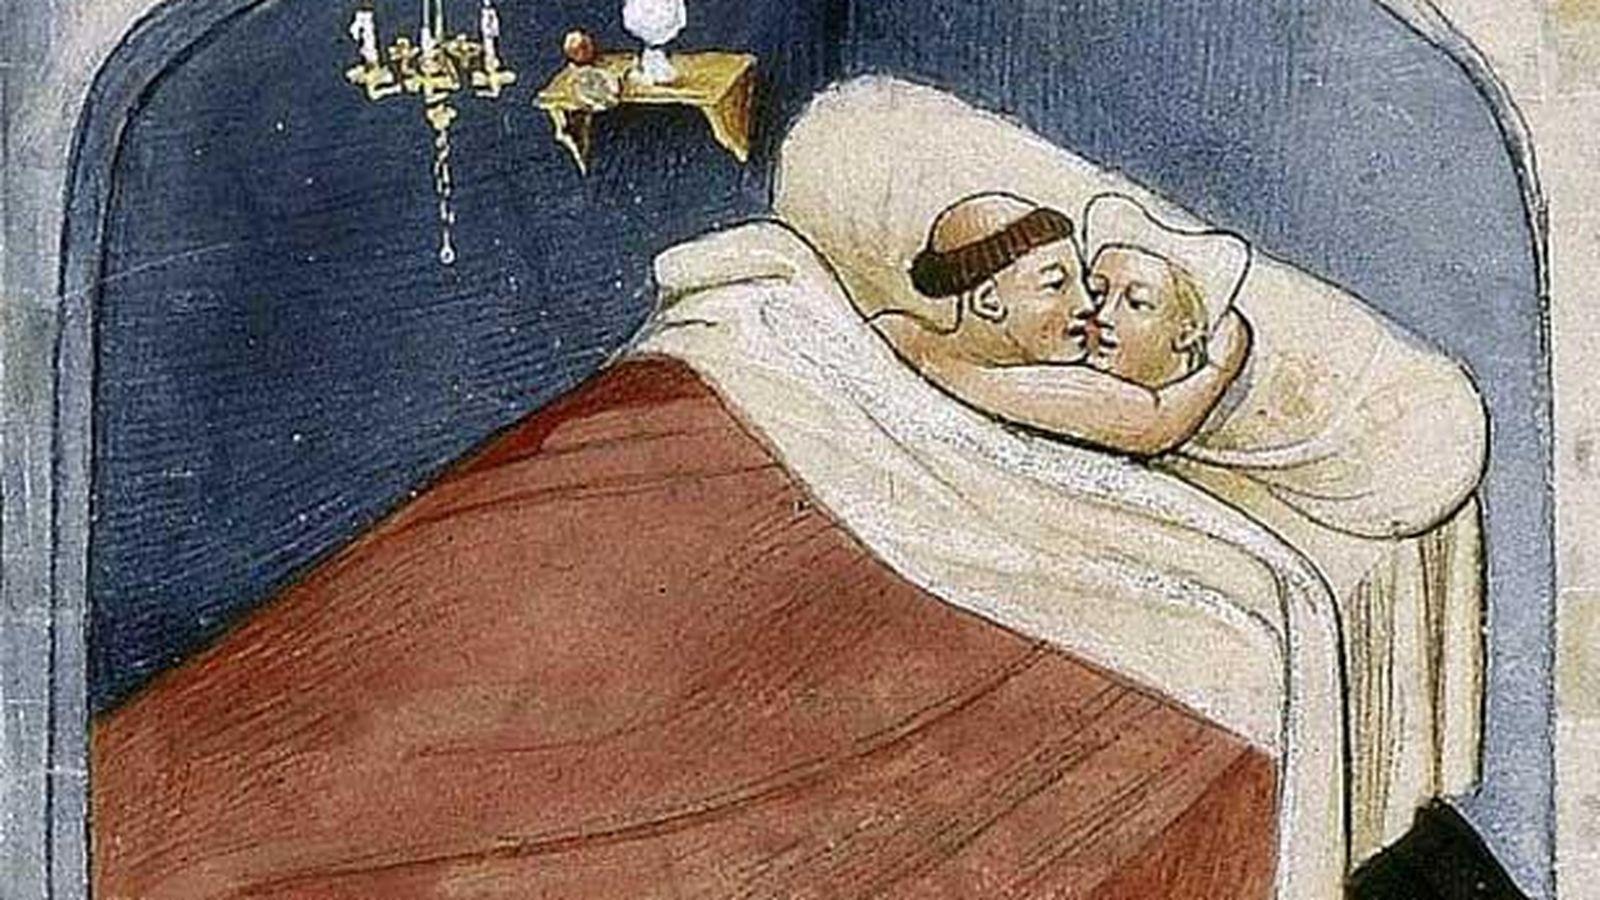 Niñas Malas Porn sexualidad: así era el porno en la edad media: humor